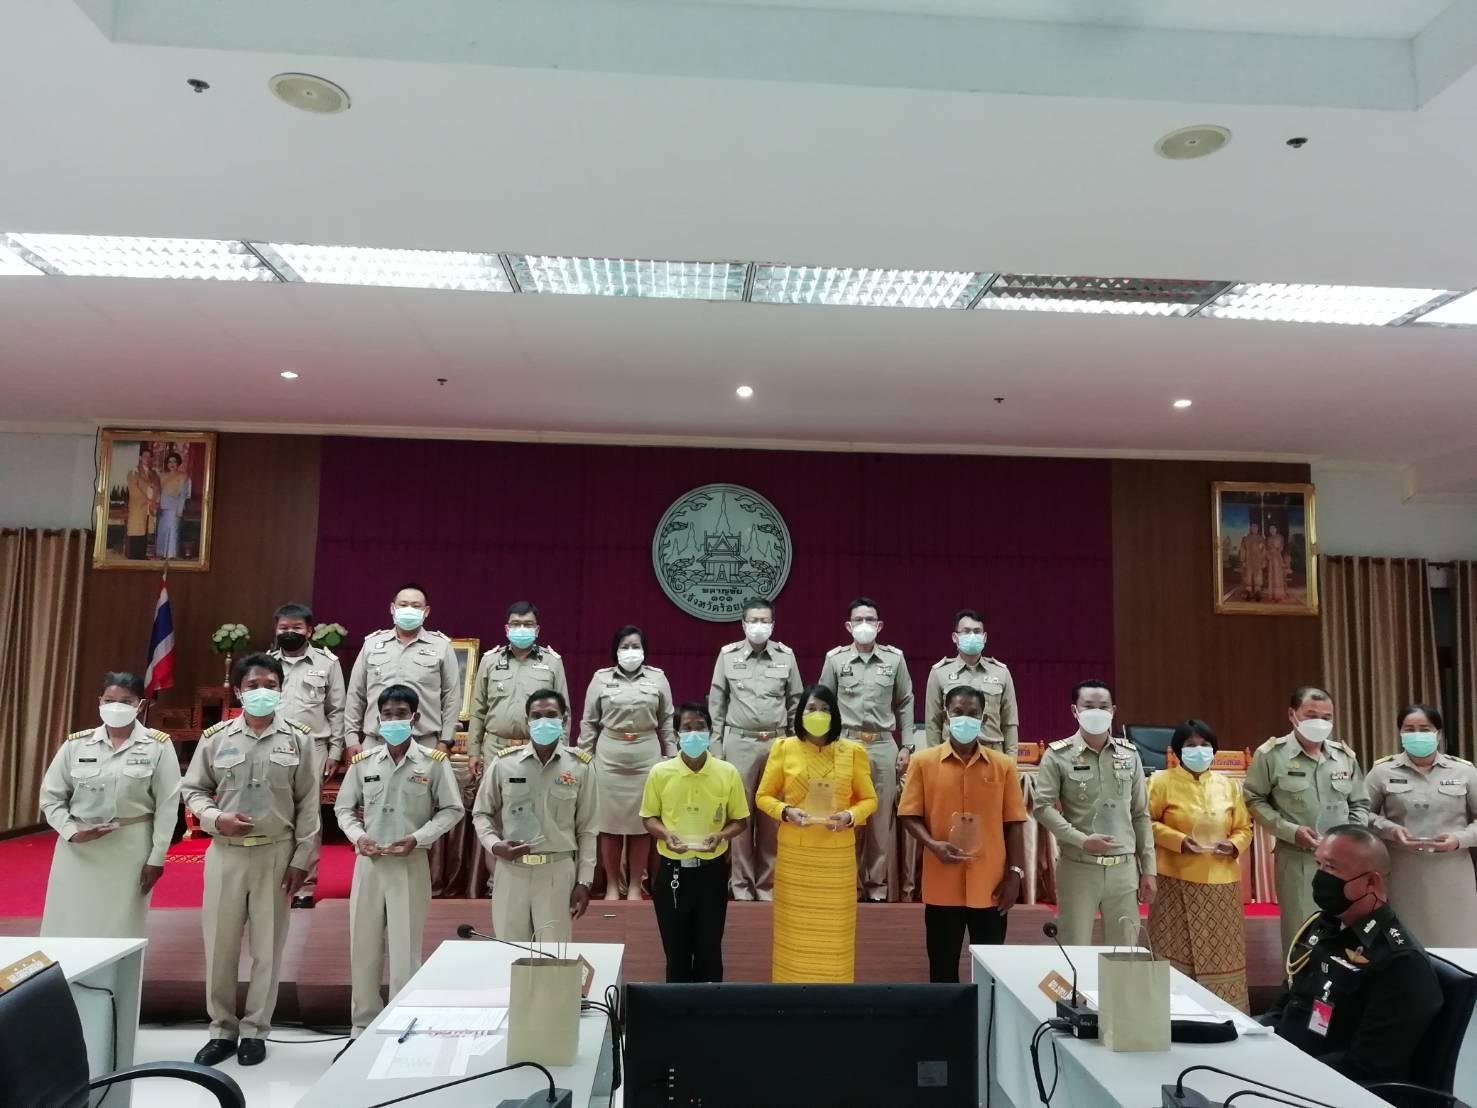 รับมอบโล่ ศูนย์จัดการกองทุนดีเด่น ปี 2564 บ้านป่าเพิ่ม หมู่ 11